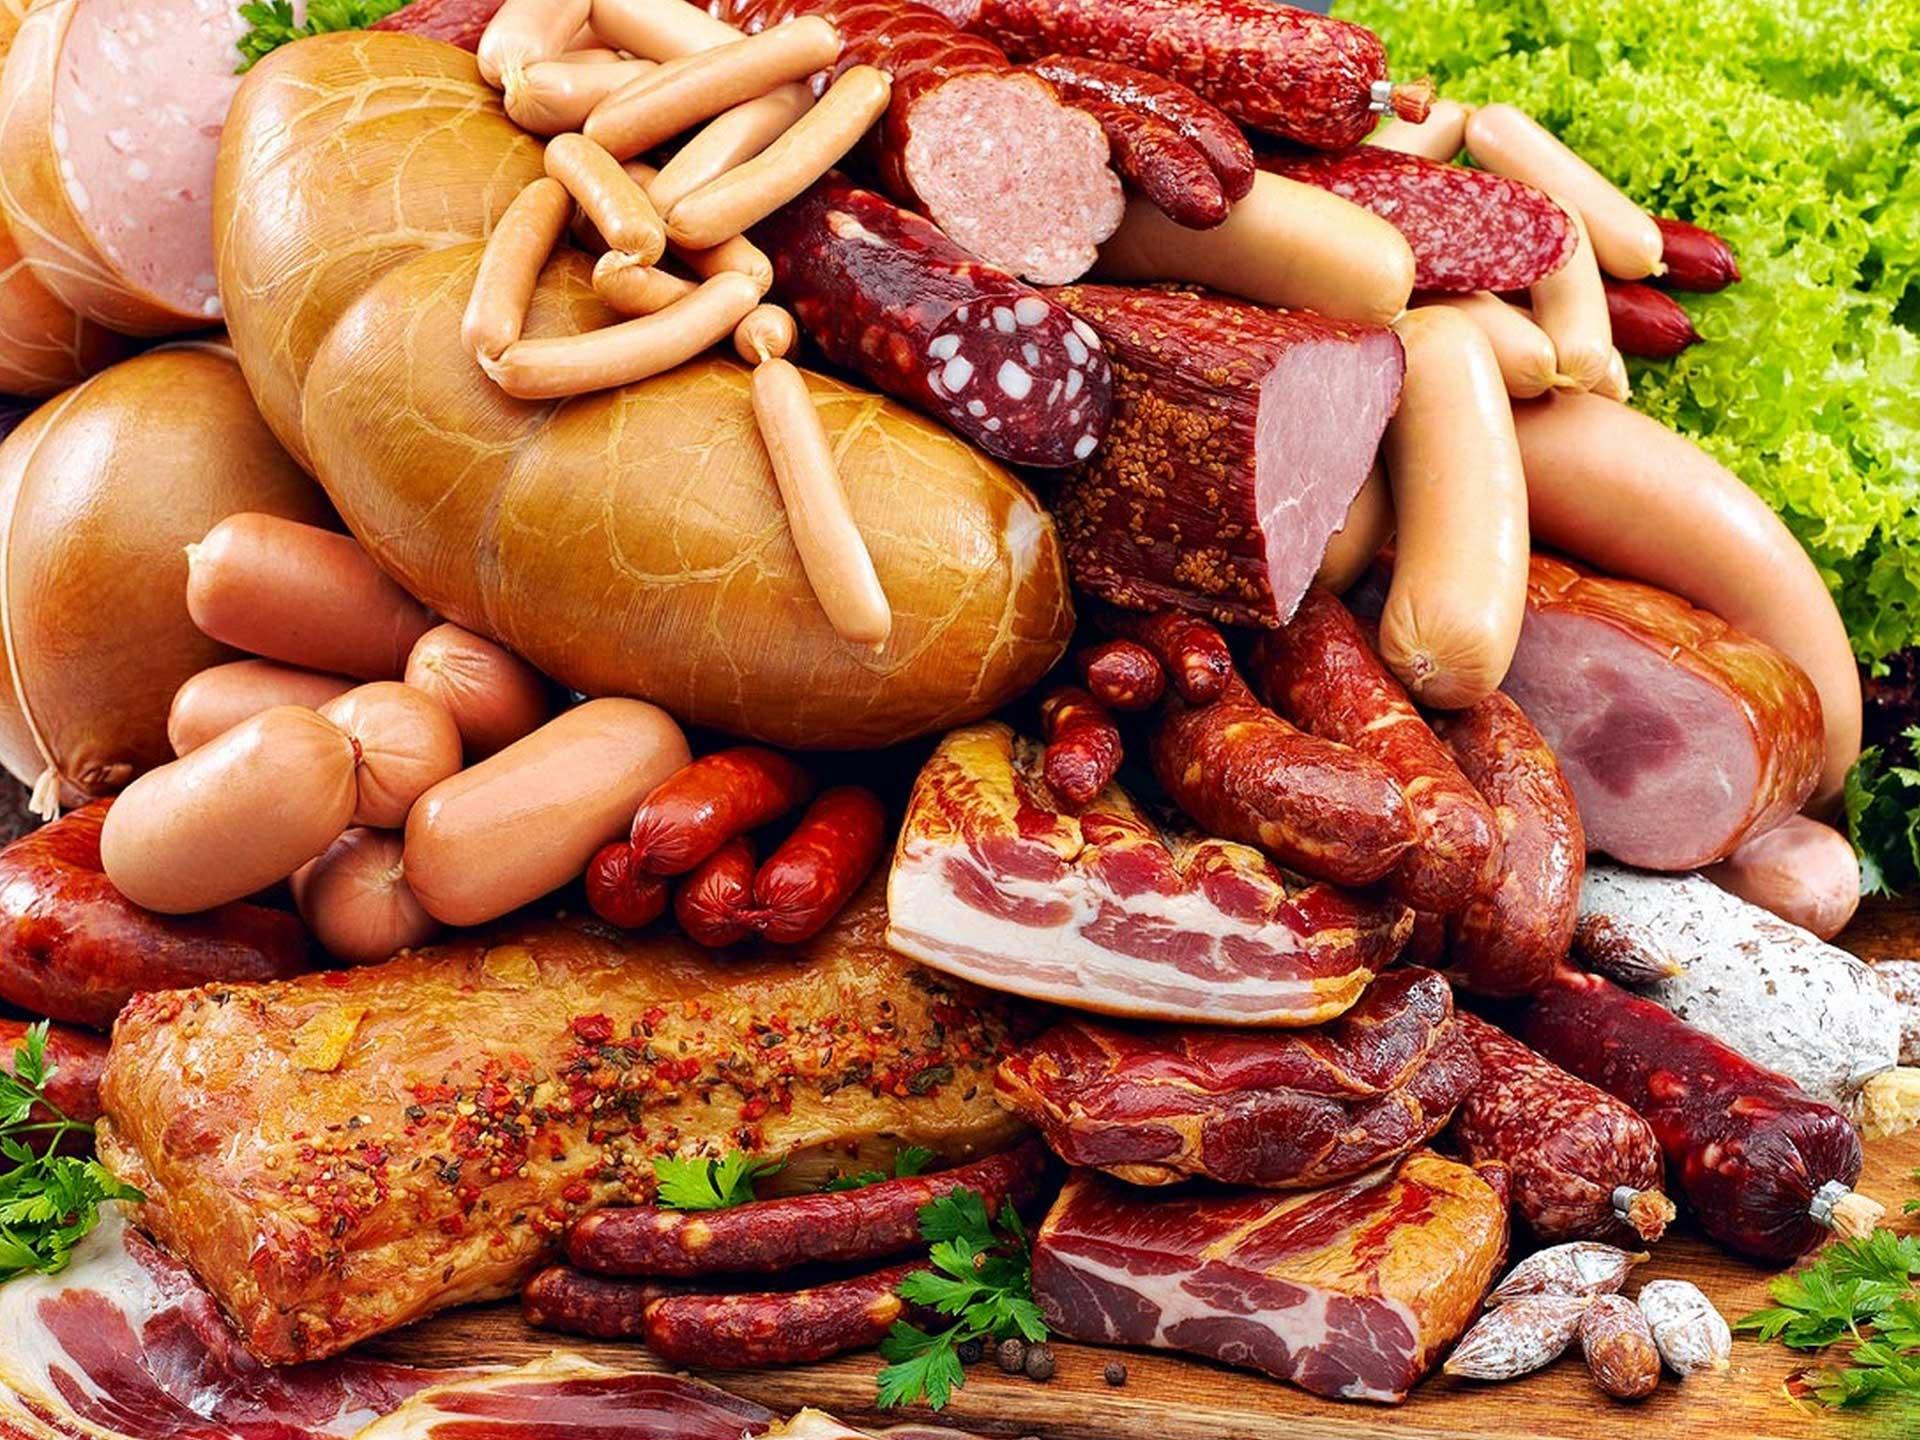 таблица калорийности продуктов питания для похудения